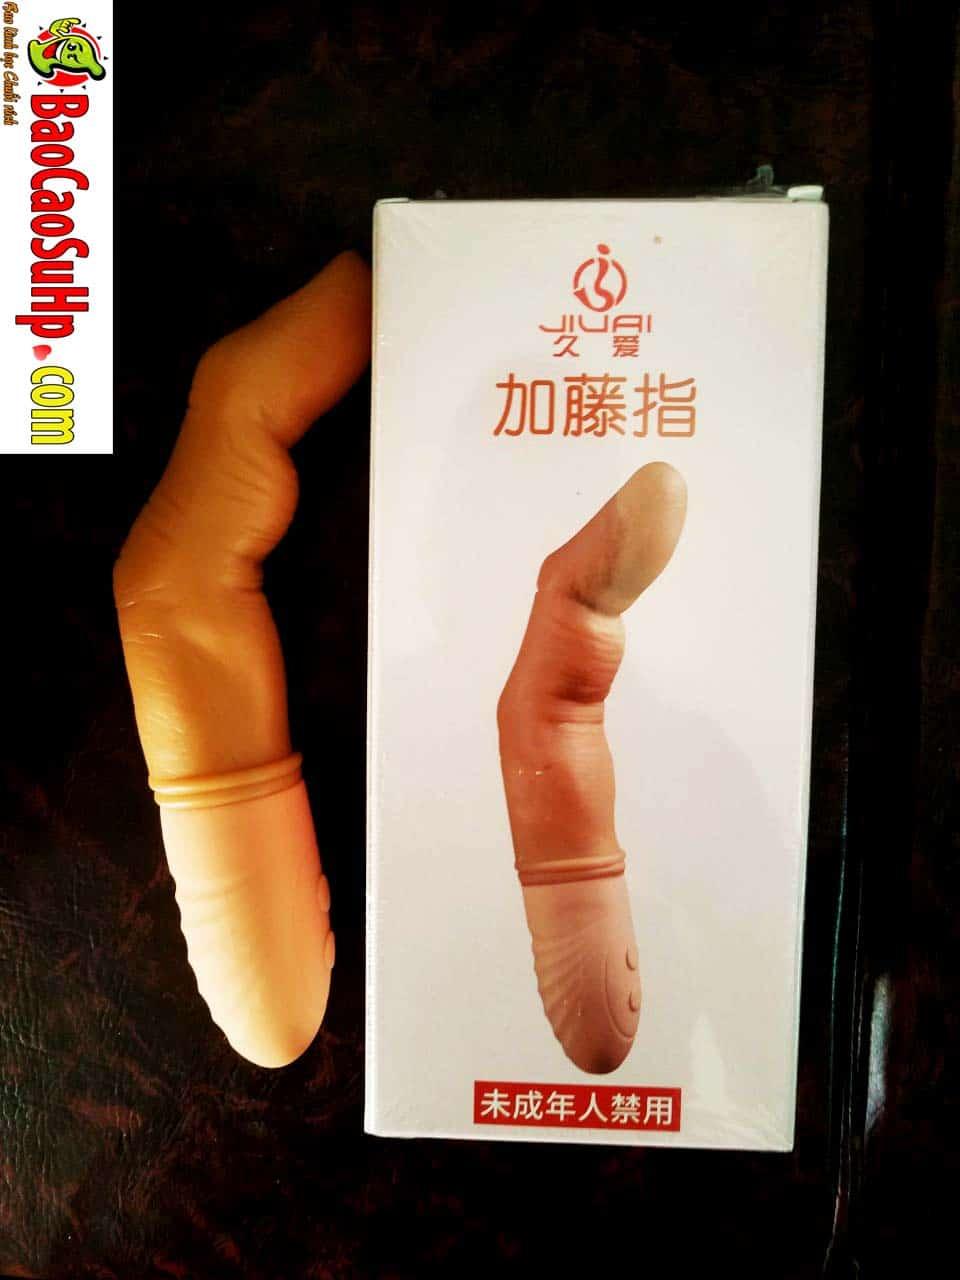 20191228204322 1817450 sextoy ngon tay ma thuat finger magic jiuai - Shop sextoy baocaosuhp cập nhật hàng về 28.12.2019